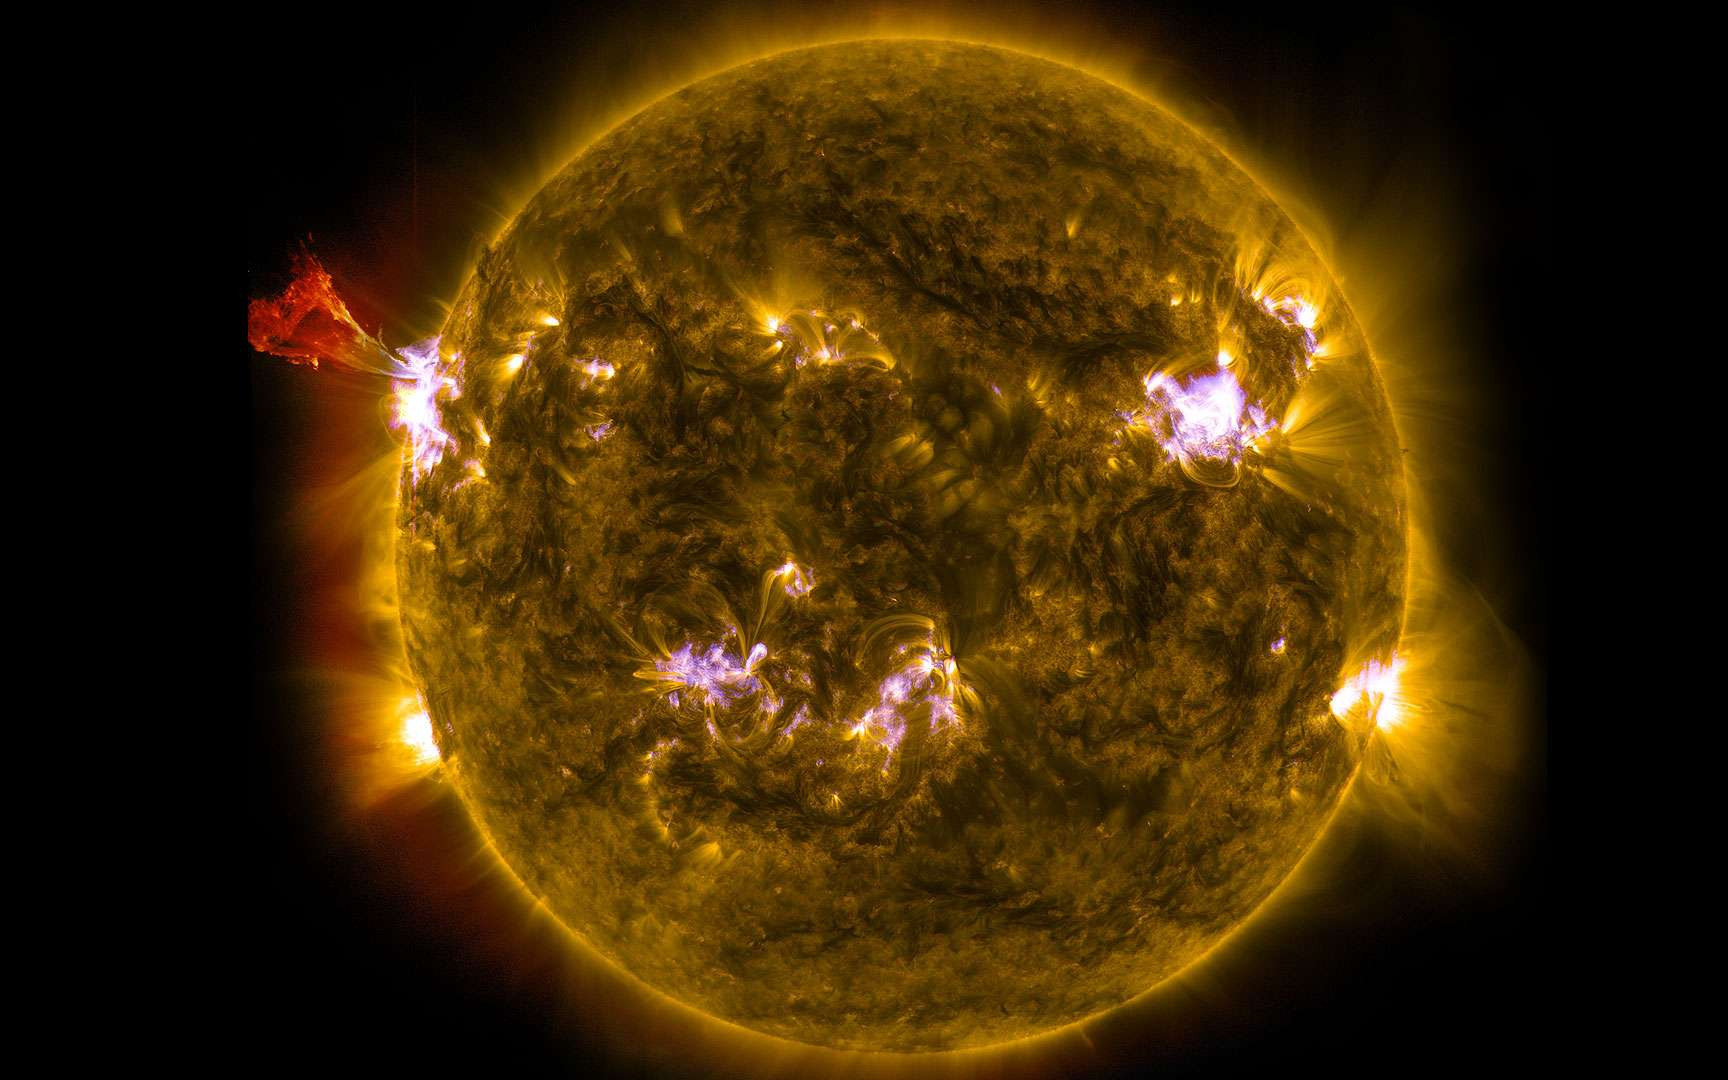 Le Soleil vu par Soho. APOD, 20/06/2004 Image prise par le satellite Soho.